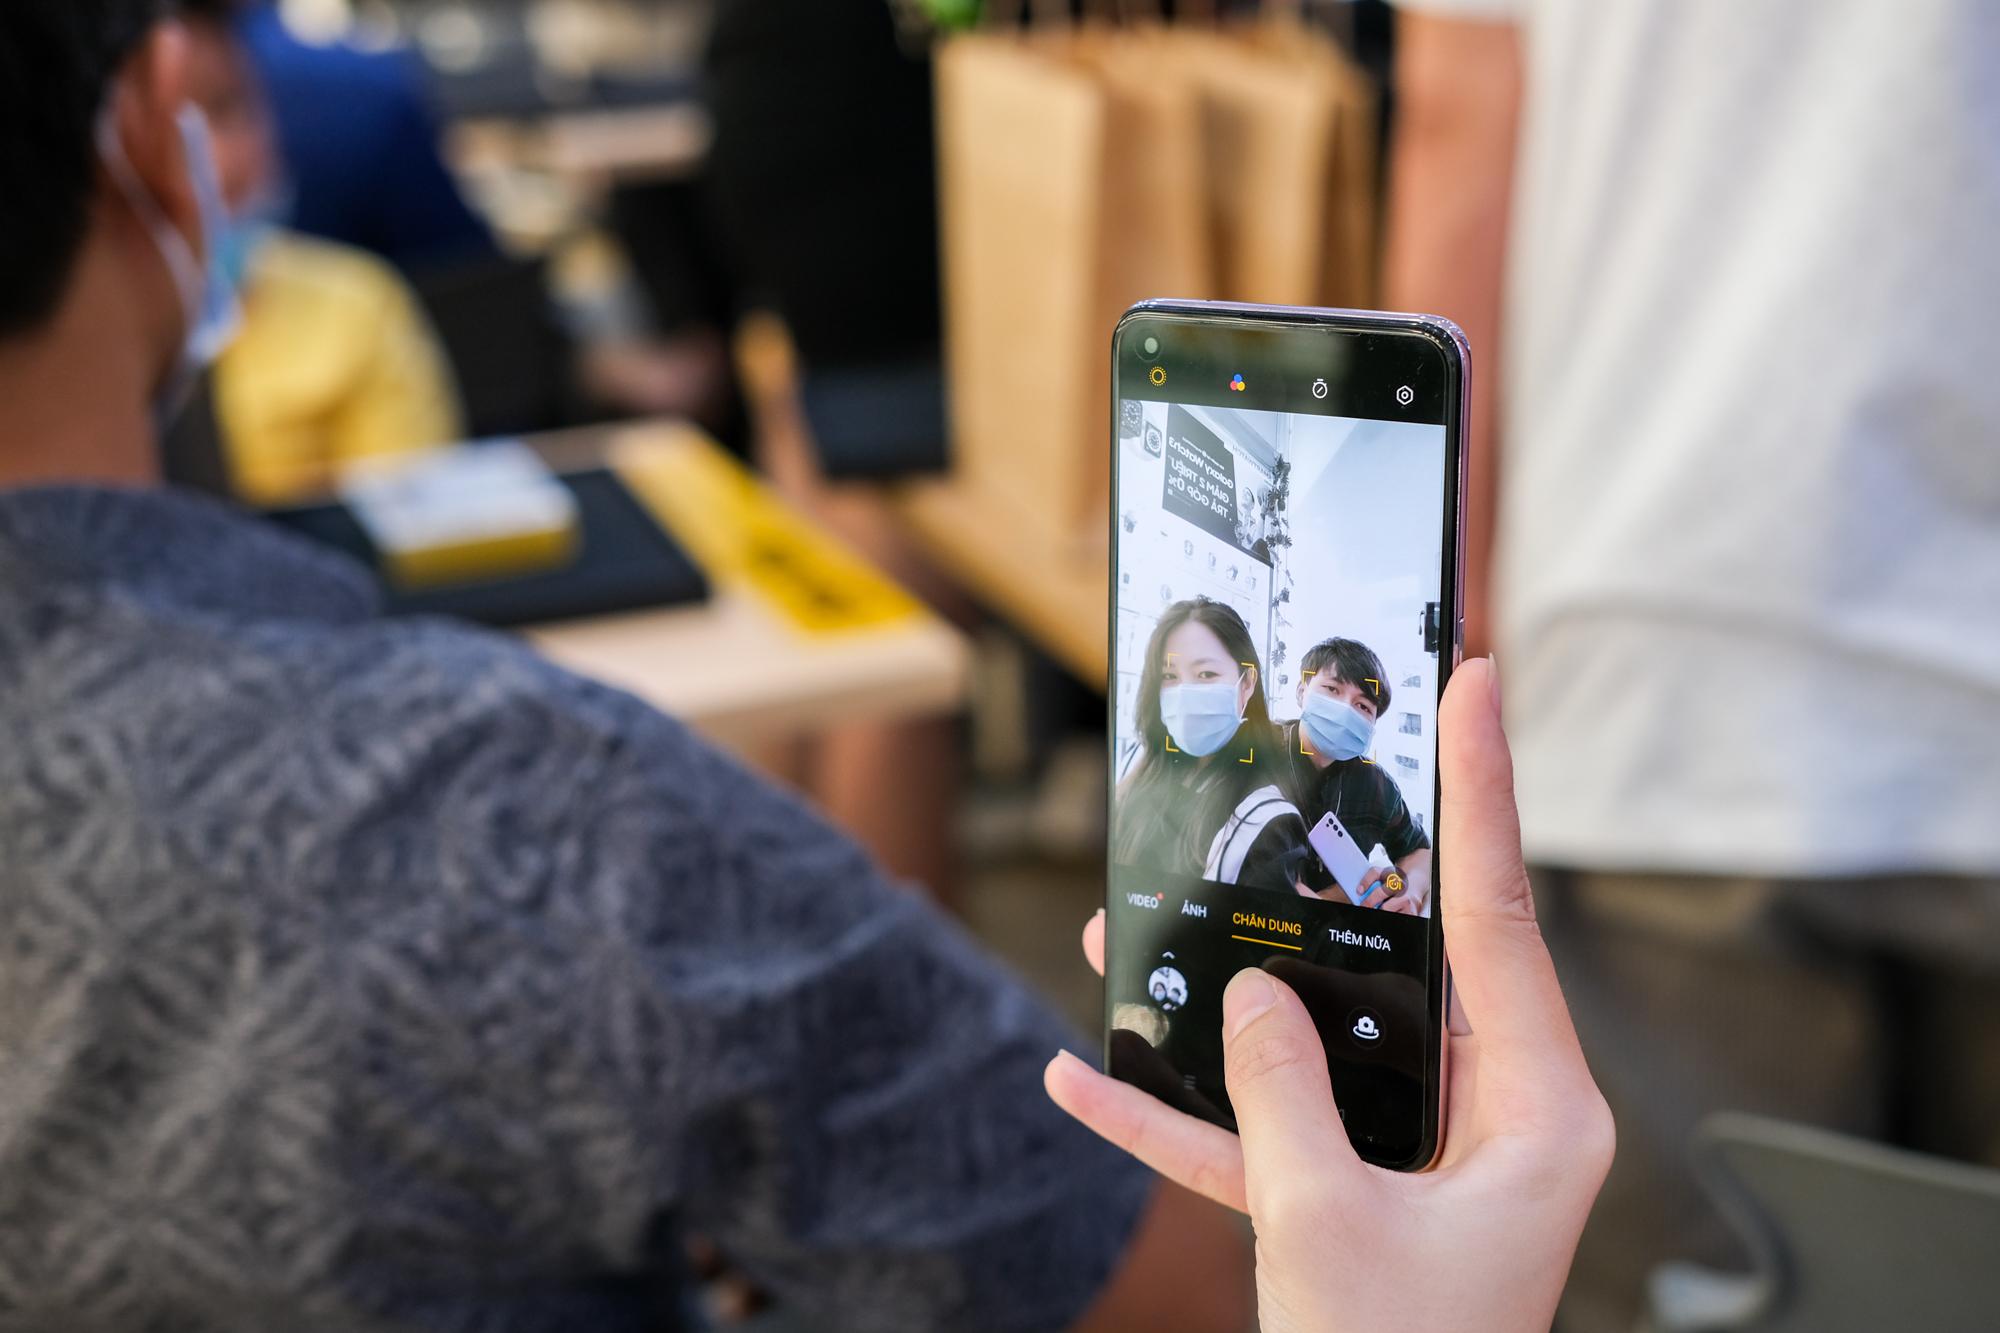 OPPO Reno5 áp đảo lượng đặt hàng nhiều chuỗi bán lẻ, tăng tốc thị trường điện thoại chụp Tết - Ảnh 4.